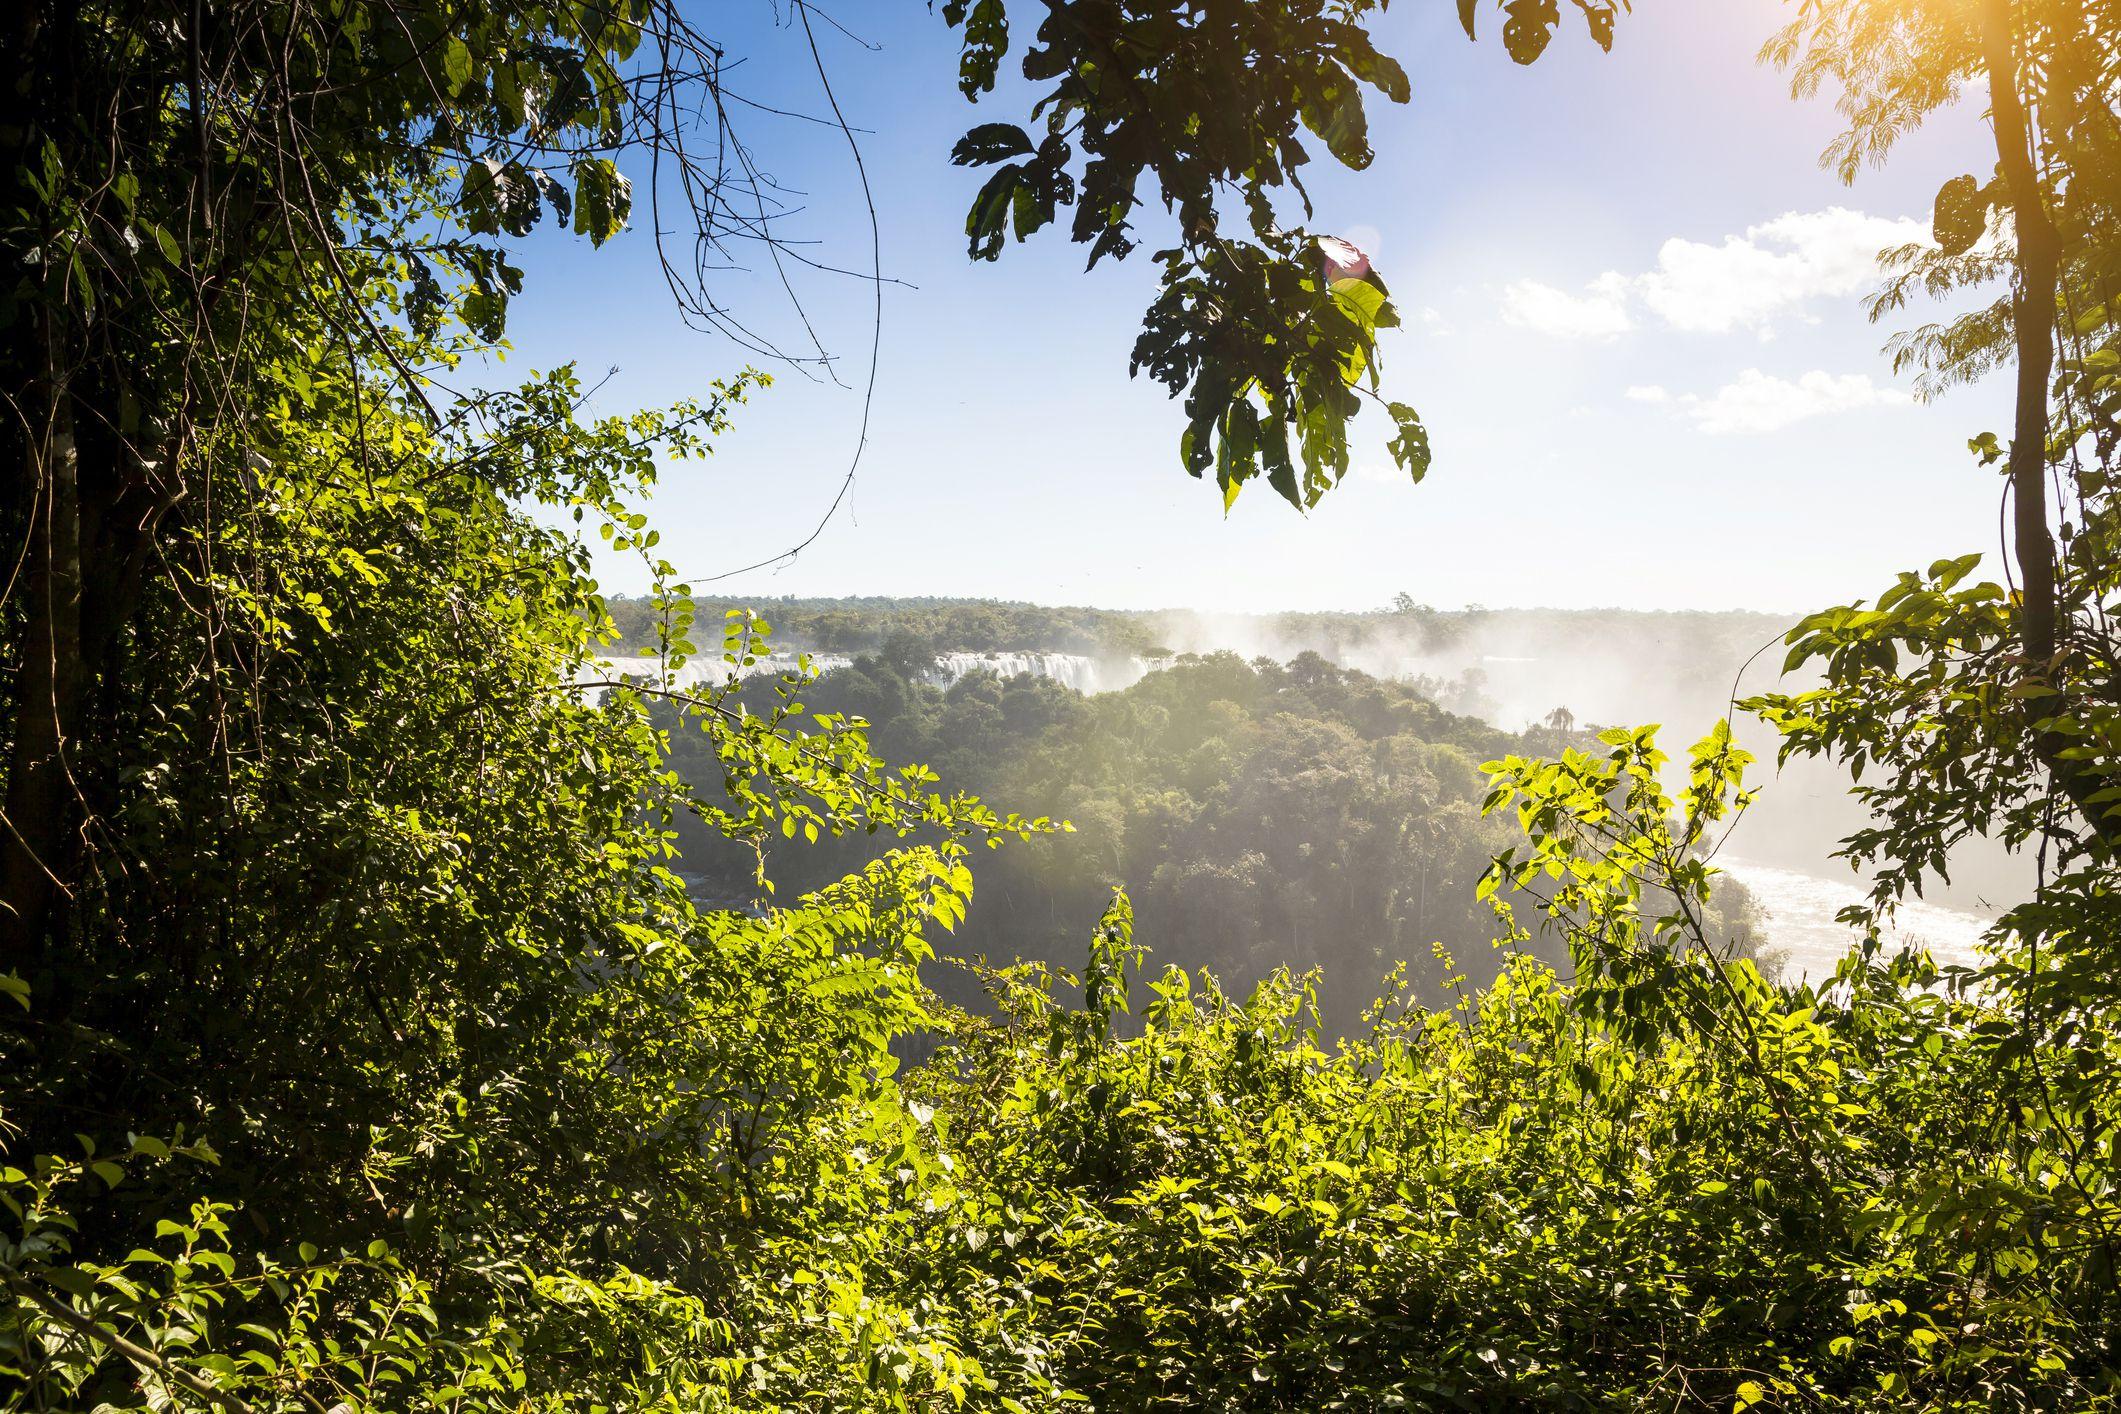 بهترین آب و هوای برزیل برای مسافرت